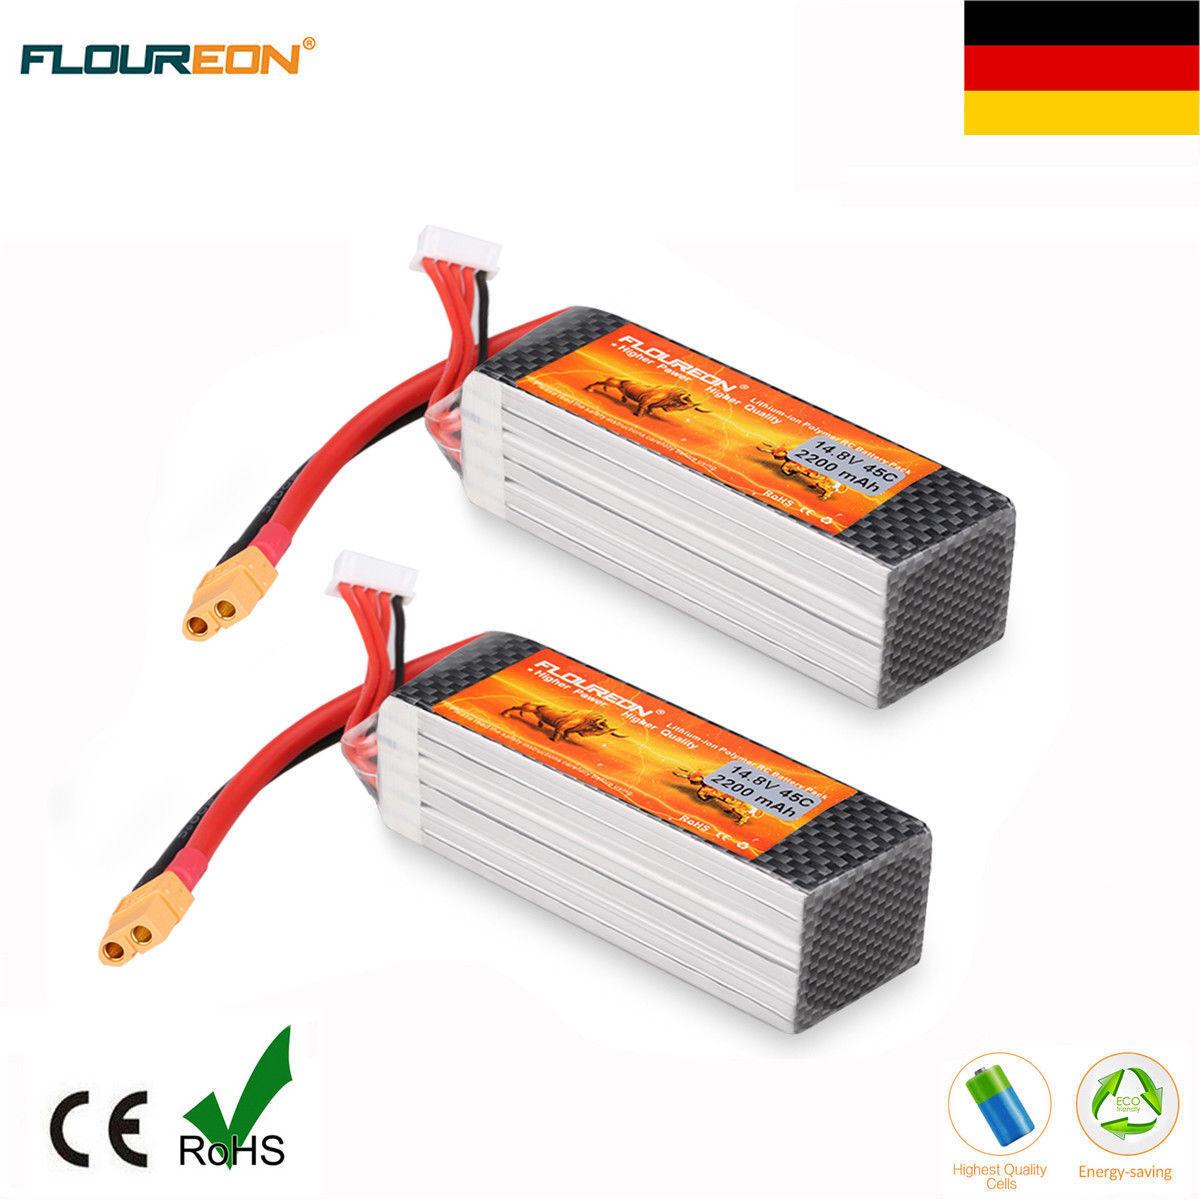 Nuevo 2  4s 14.8v 2200mah batería Li-po batería Pack 45c xt60 Plug RC hobby Boat de